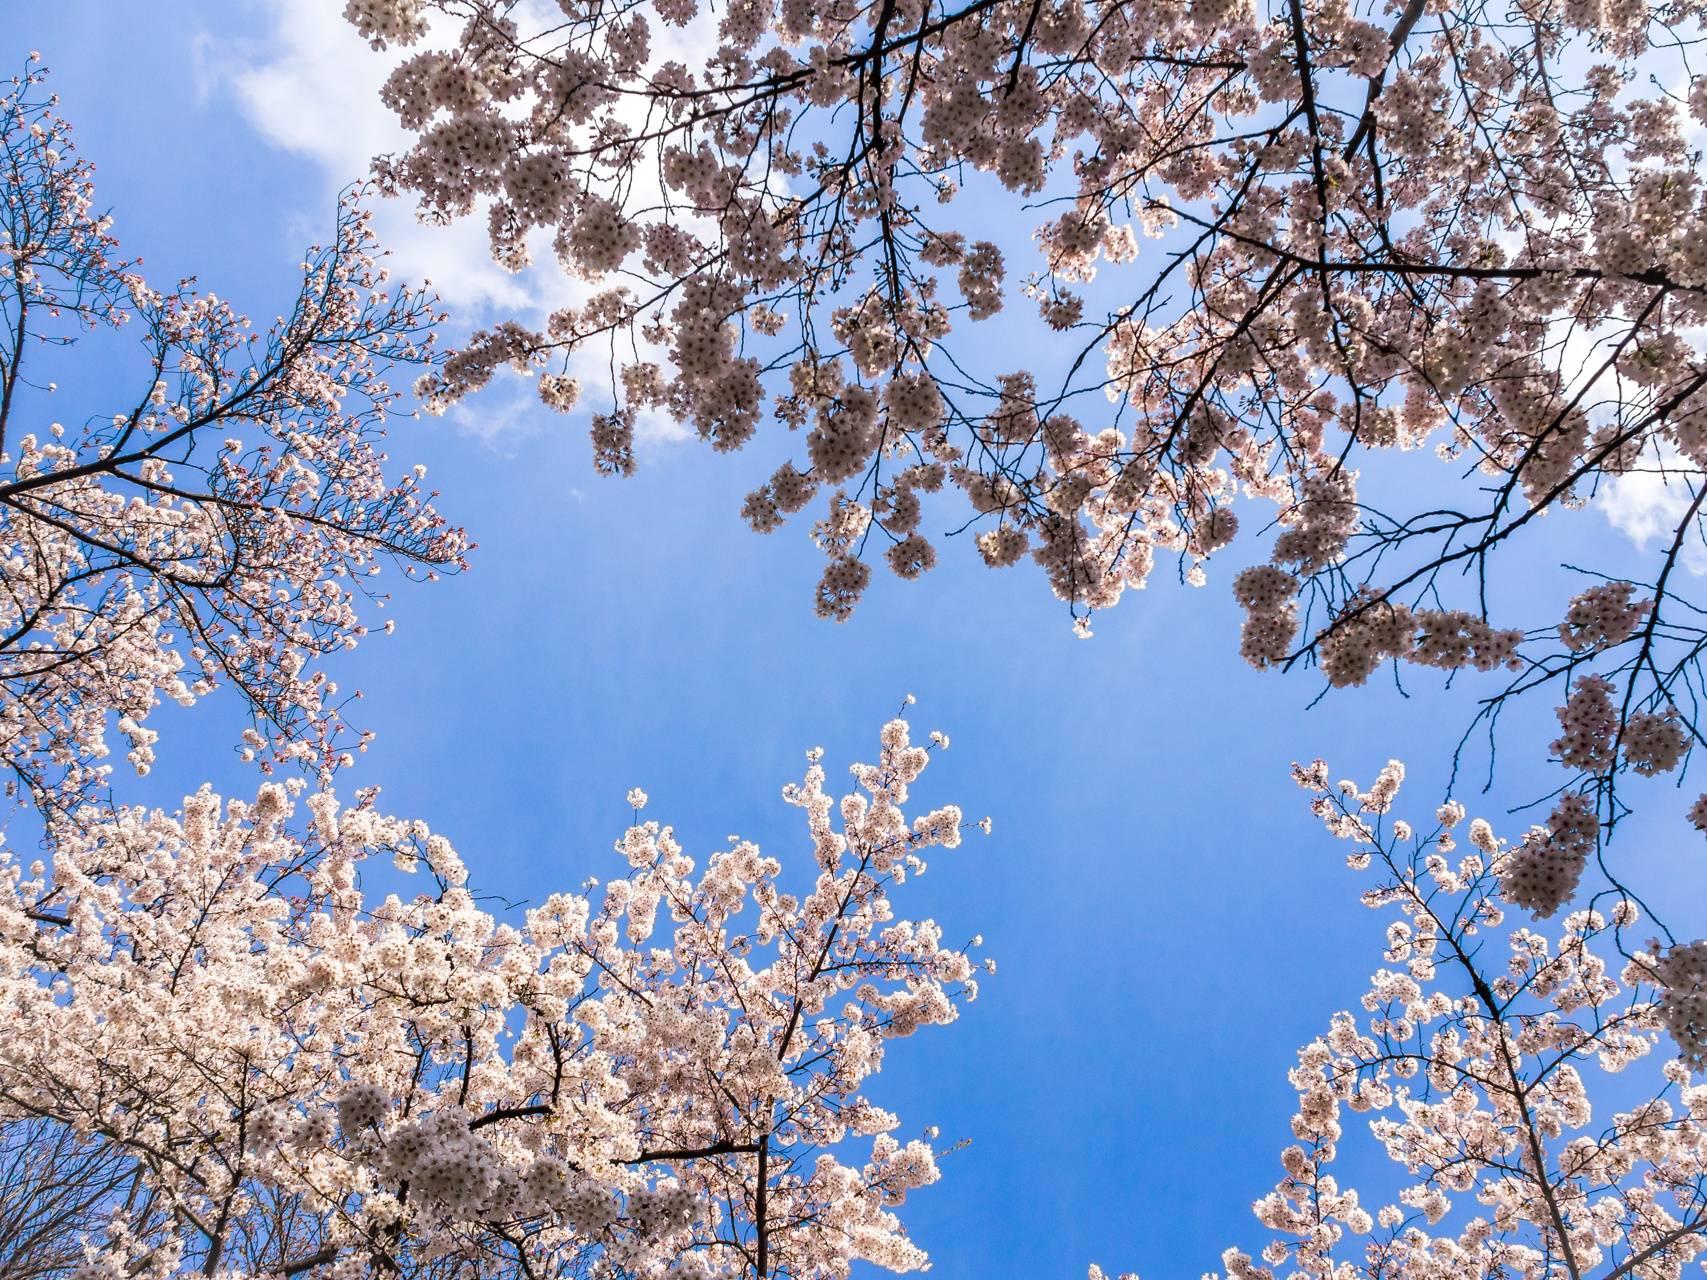 blossoms sky